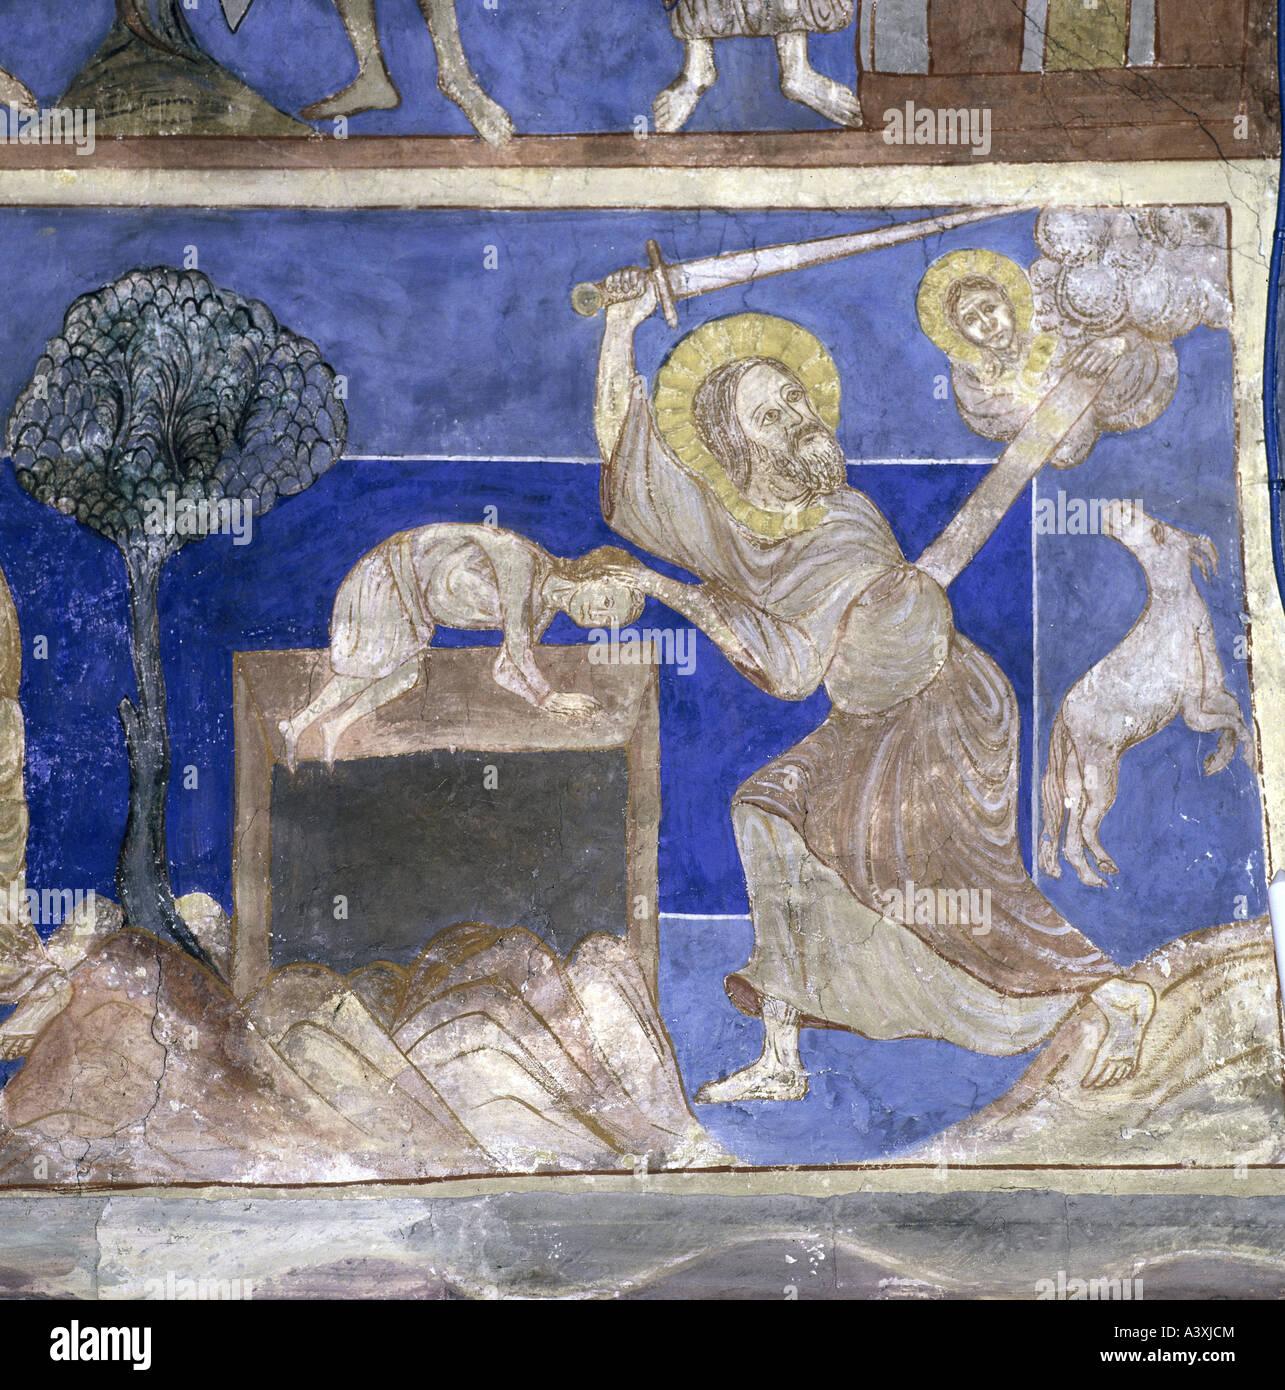 Belle arti, l'arte religiosa, scene bibliche, il sacrificio di Isacco, pittura, affresco del XIII secolo, Chiesa Immagini Stock